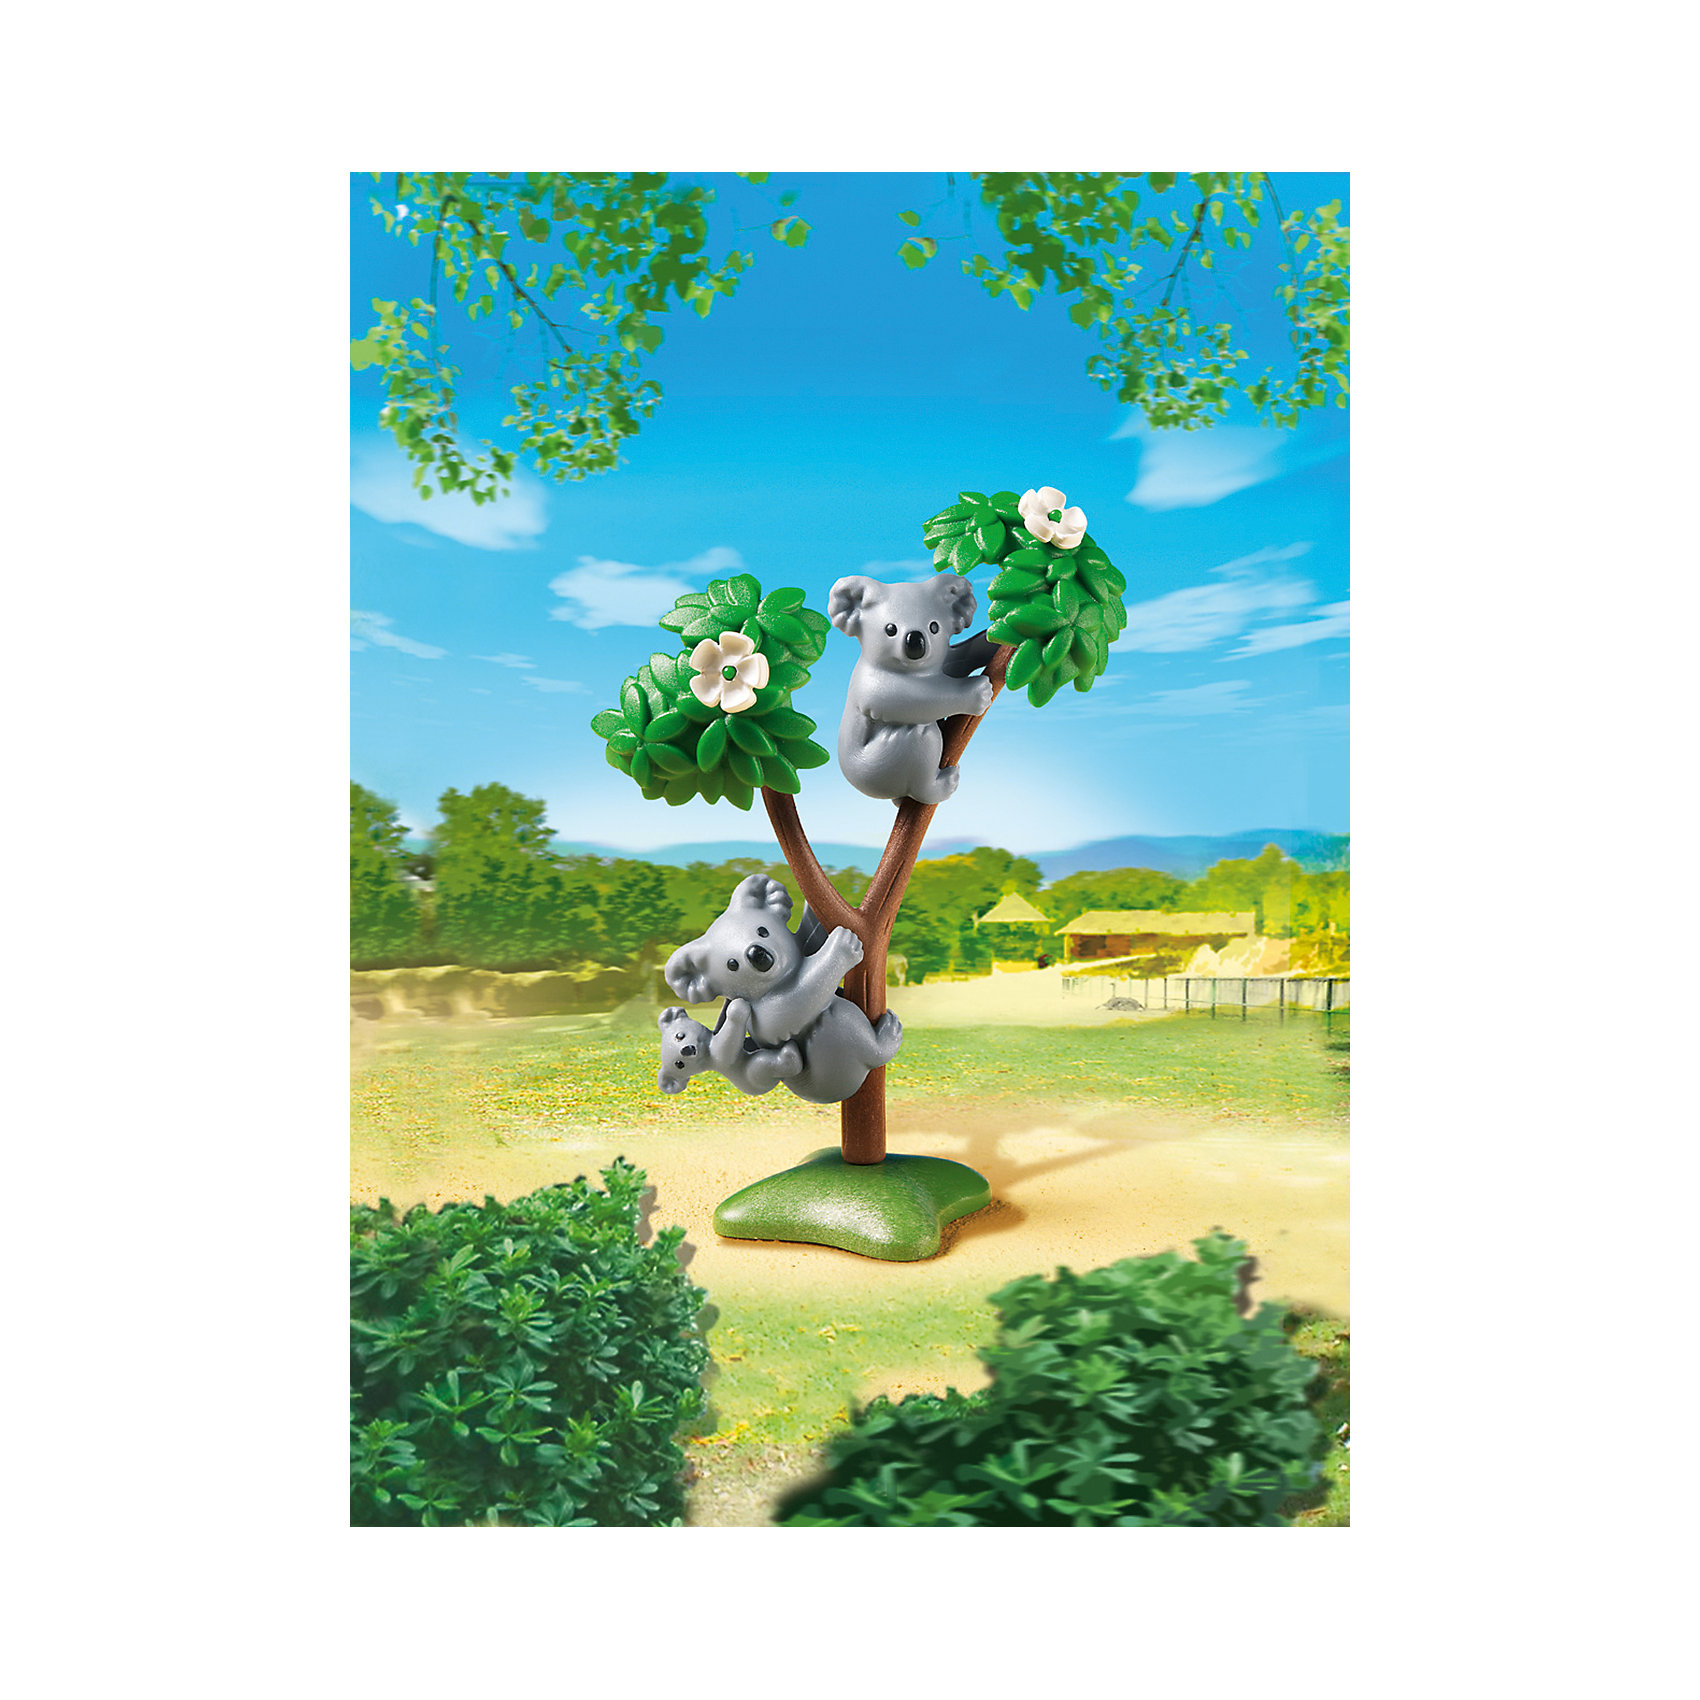 PLAYMOBIL® Зоопарк: Семья Коал, PLAYMOBIL playmobil® зоопарк стая фламинго playmobil